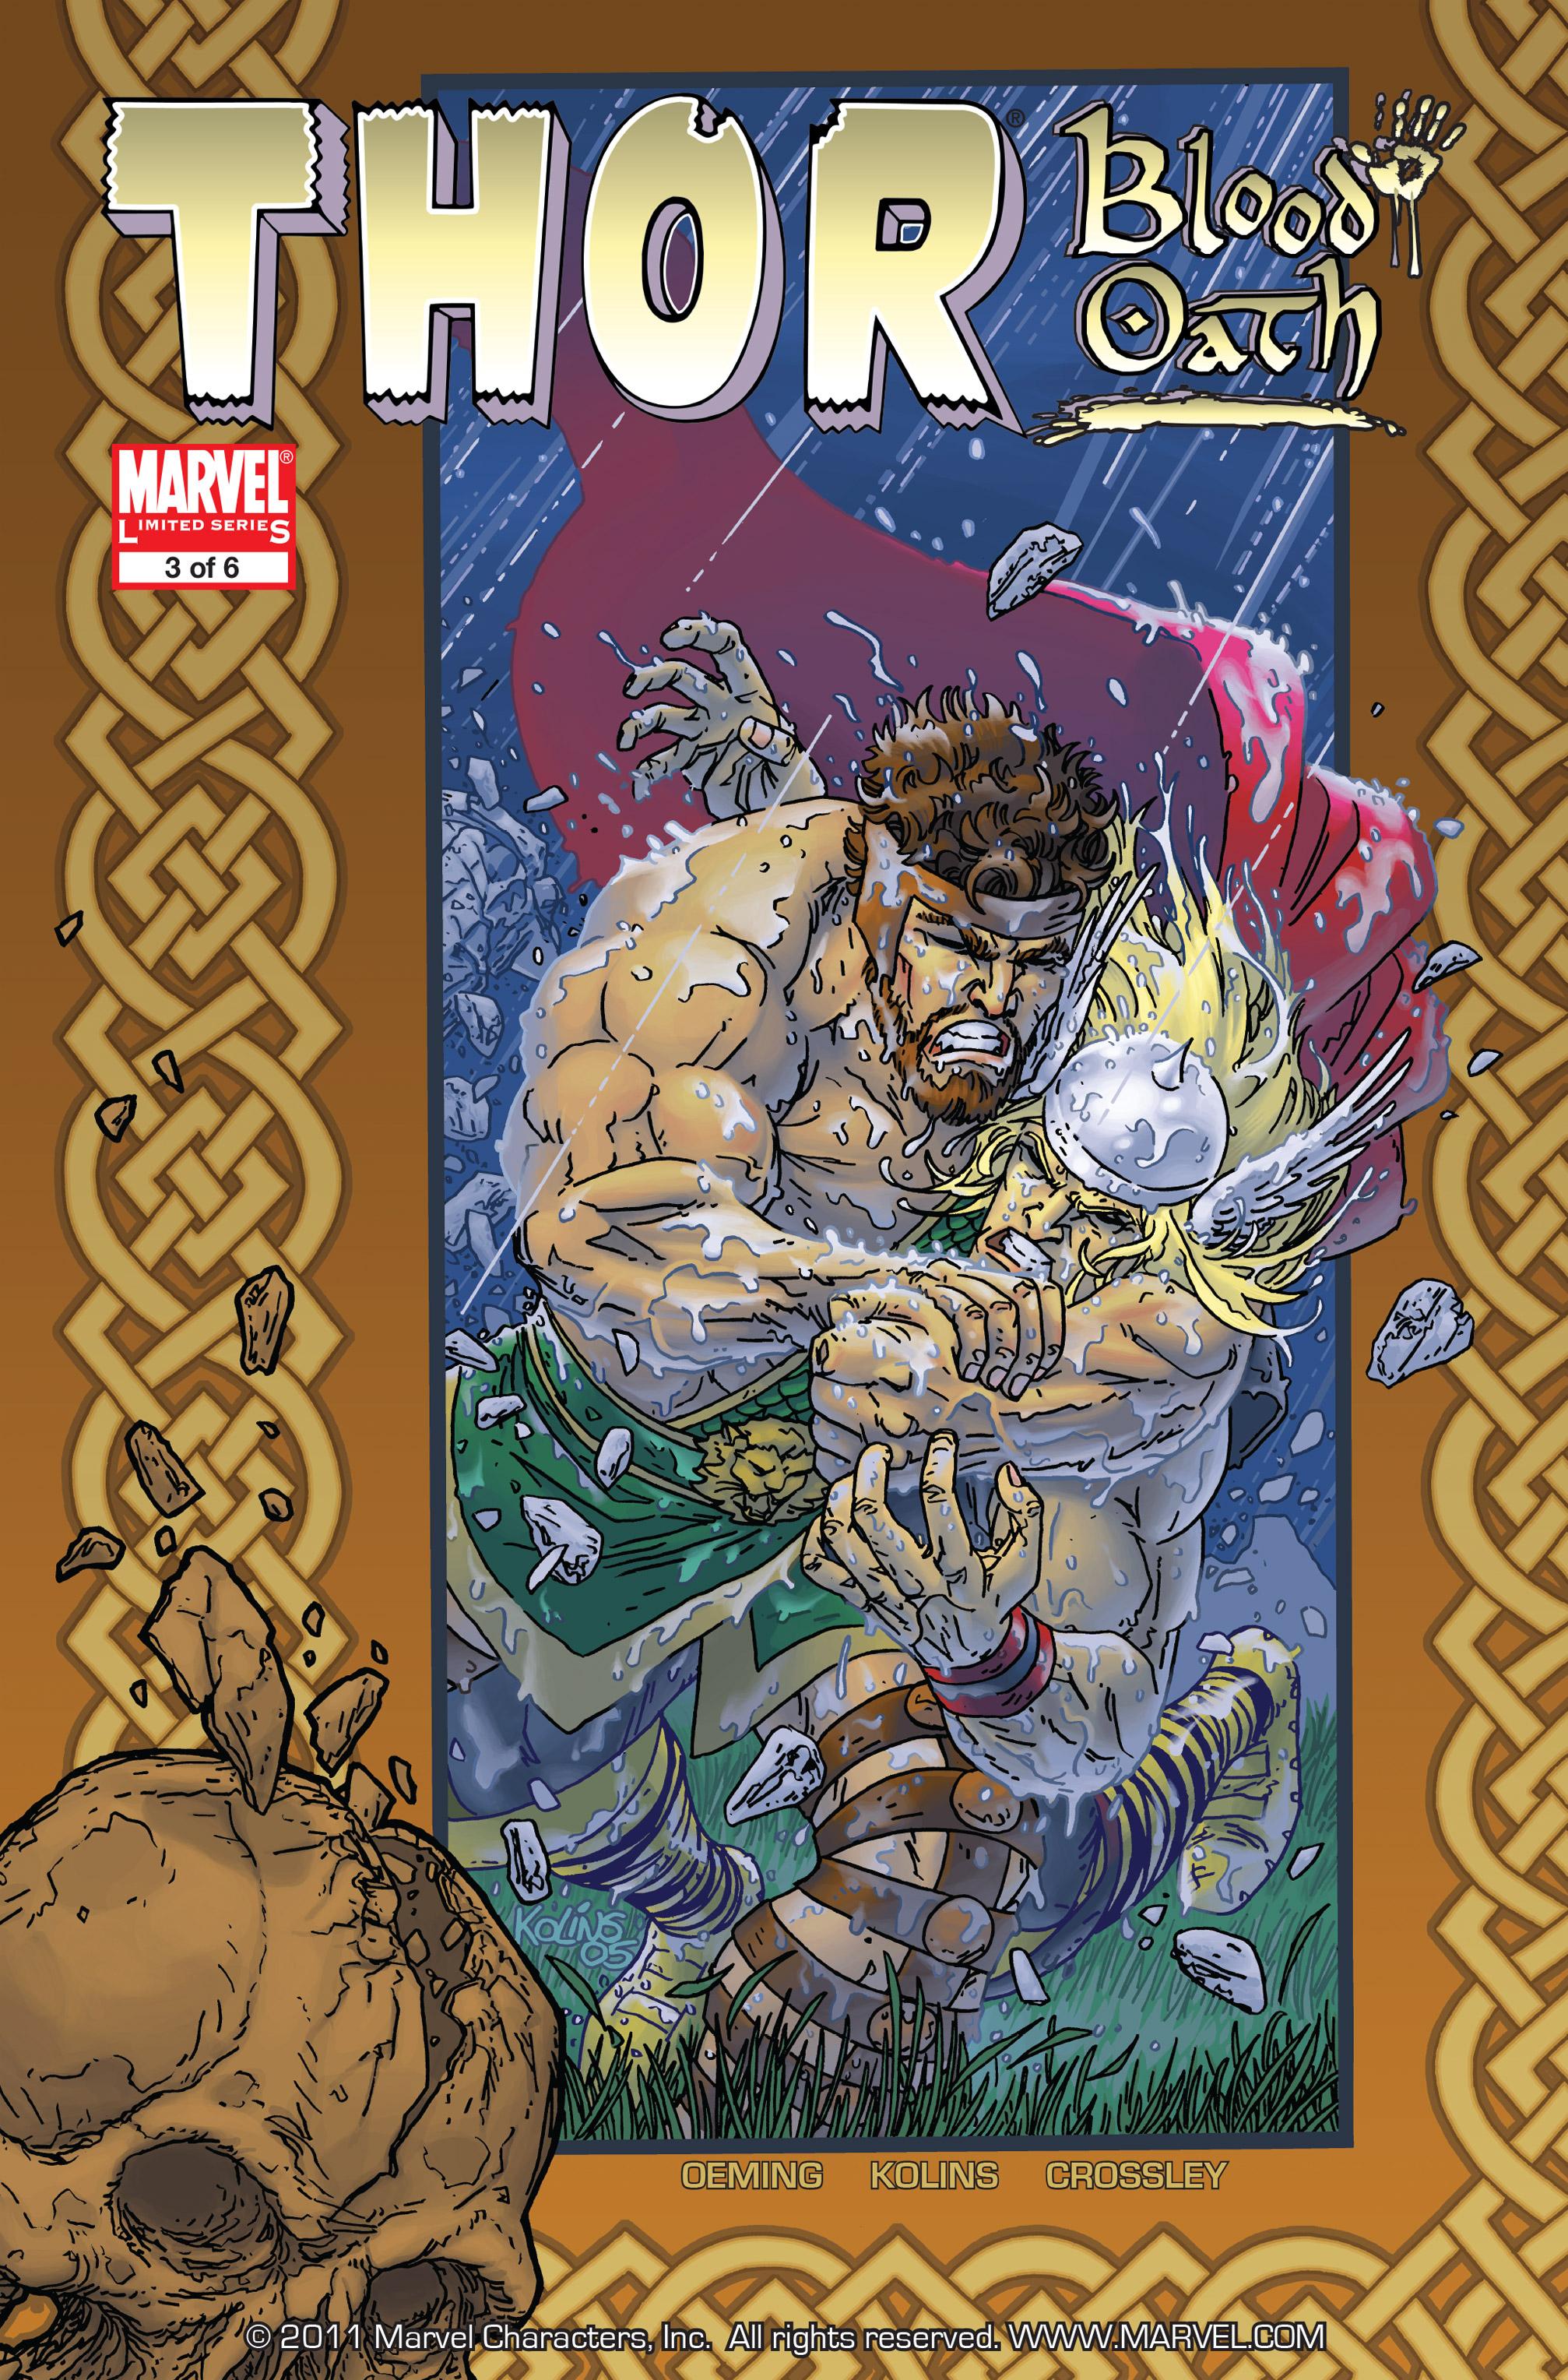 Thor: Blood Oath Vol 1 3